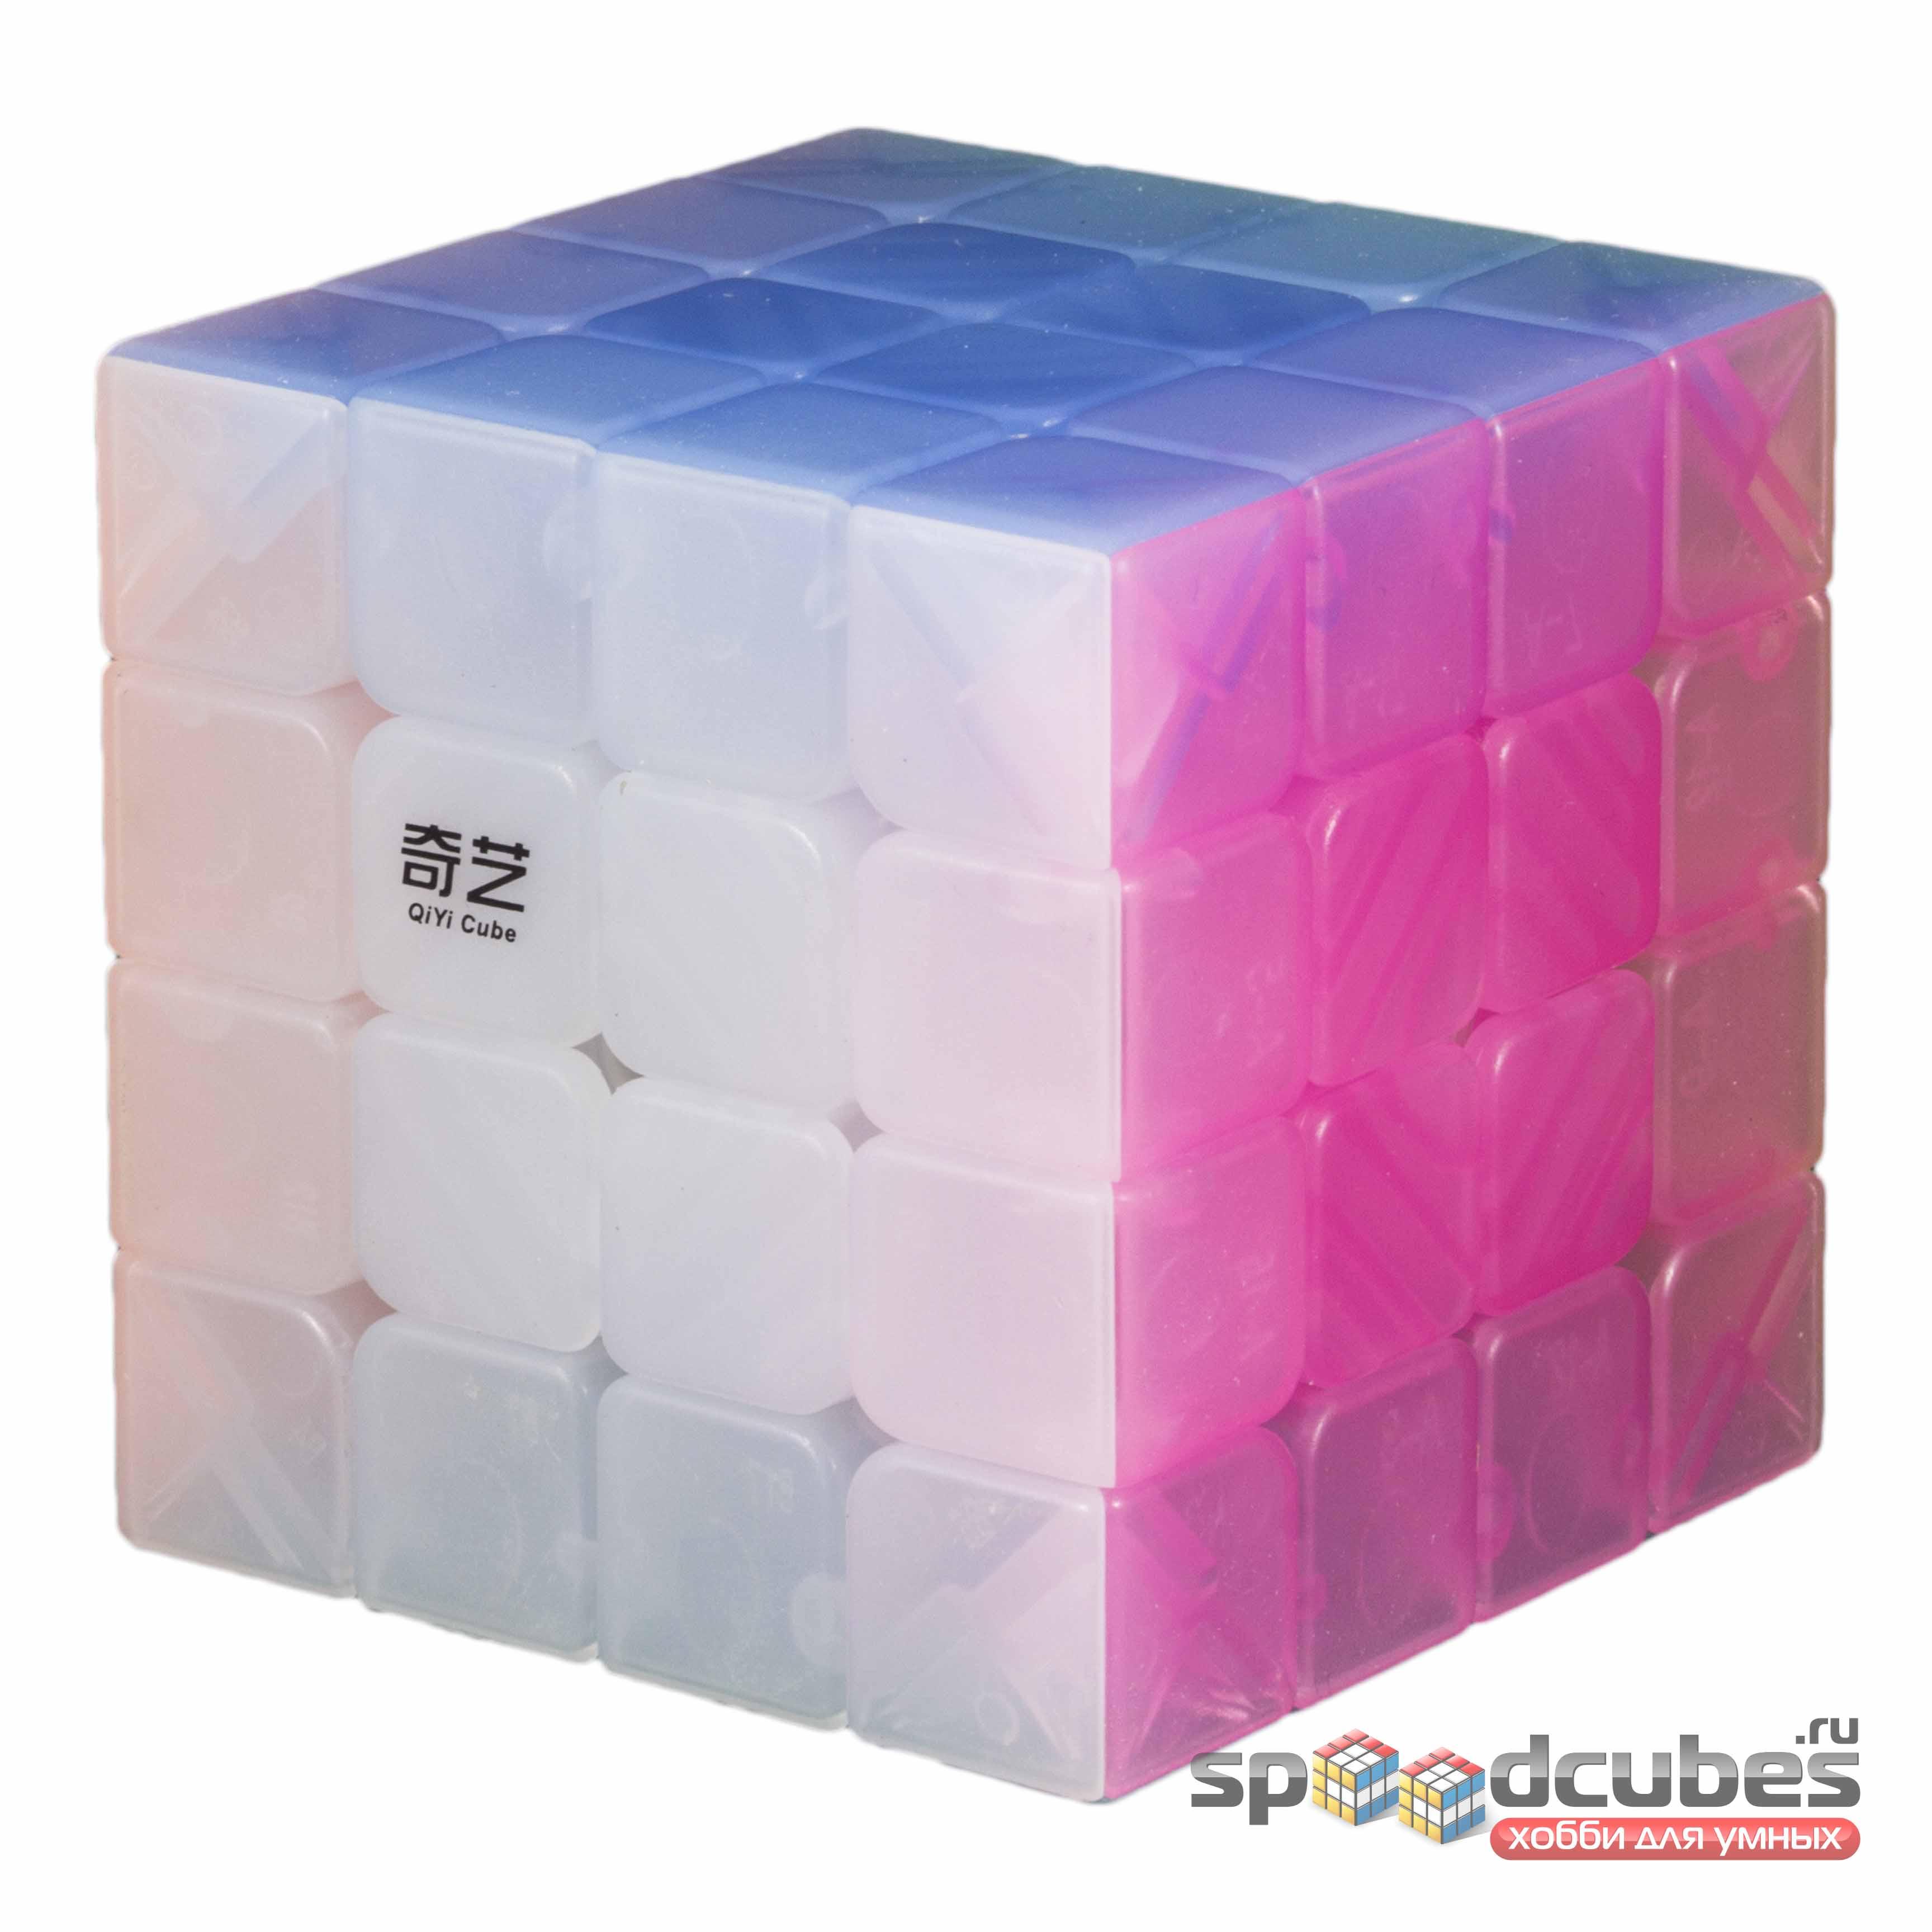 QiYi (MoFangGe) 4x4x4 Jelly Cube 2